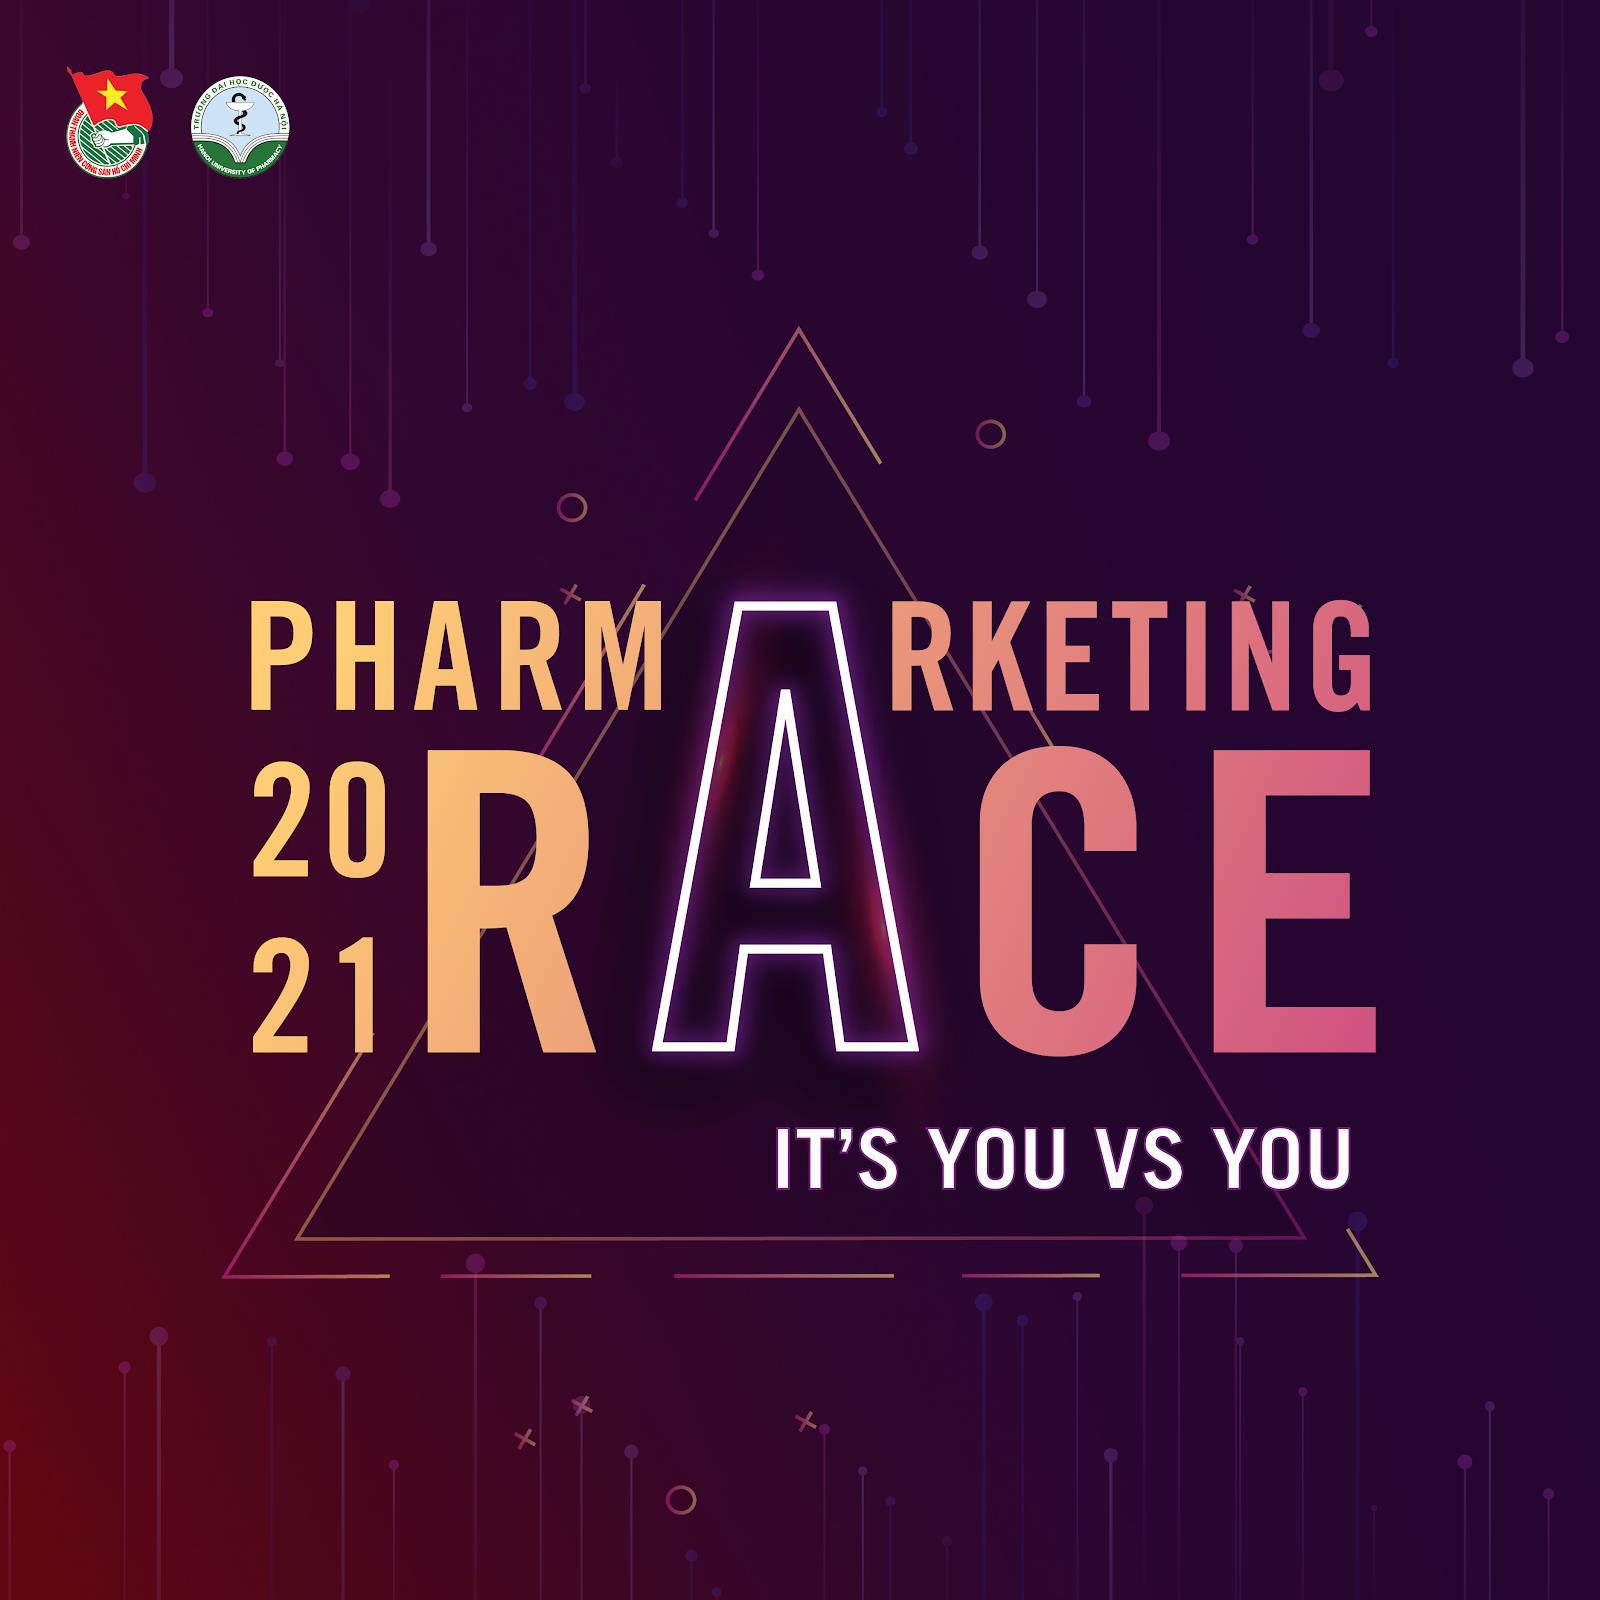 PharMarketing Race - cuộc thi về marketing dược thu hút sự quan tâm của hàng ngàn sinh viên y dược miền Bắc - Ảnh 1.